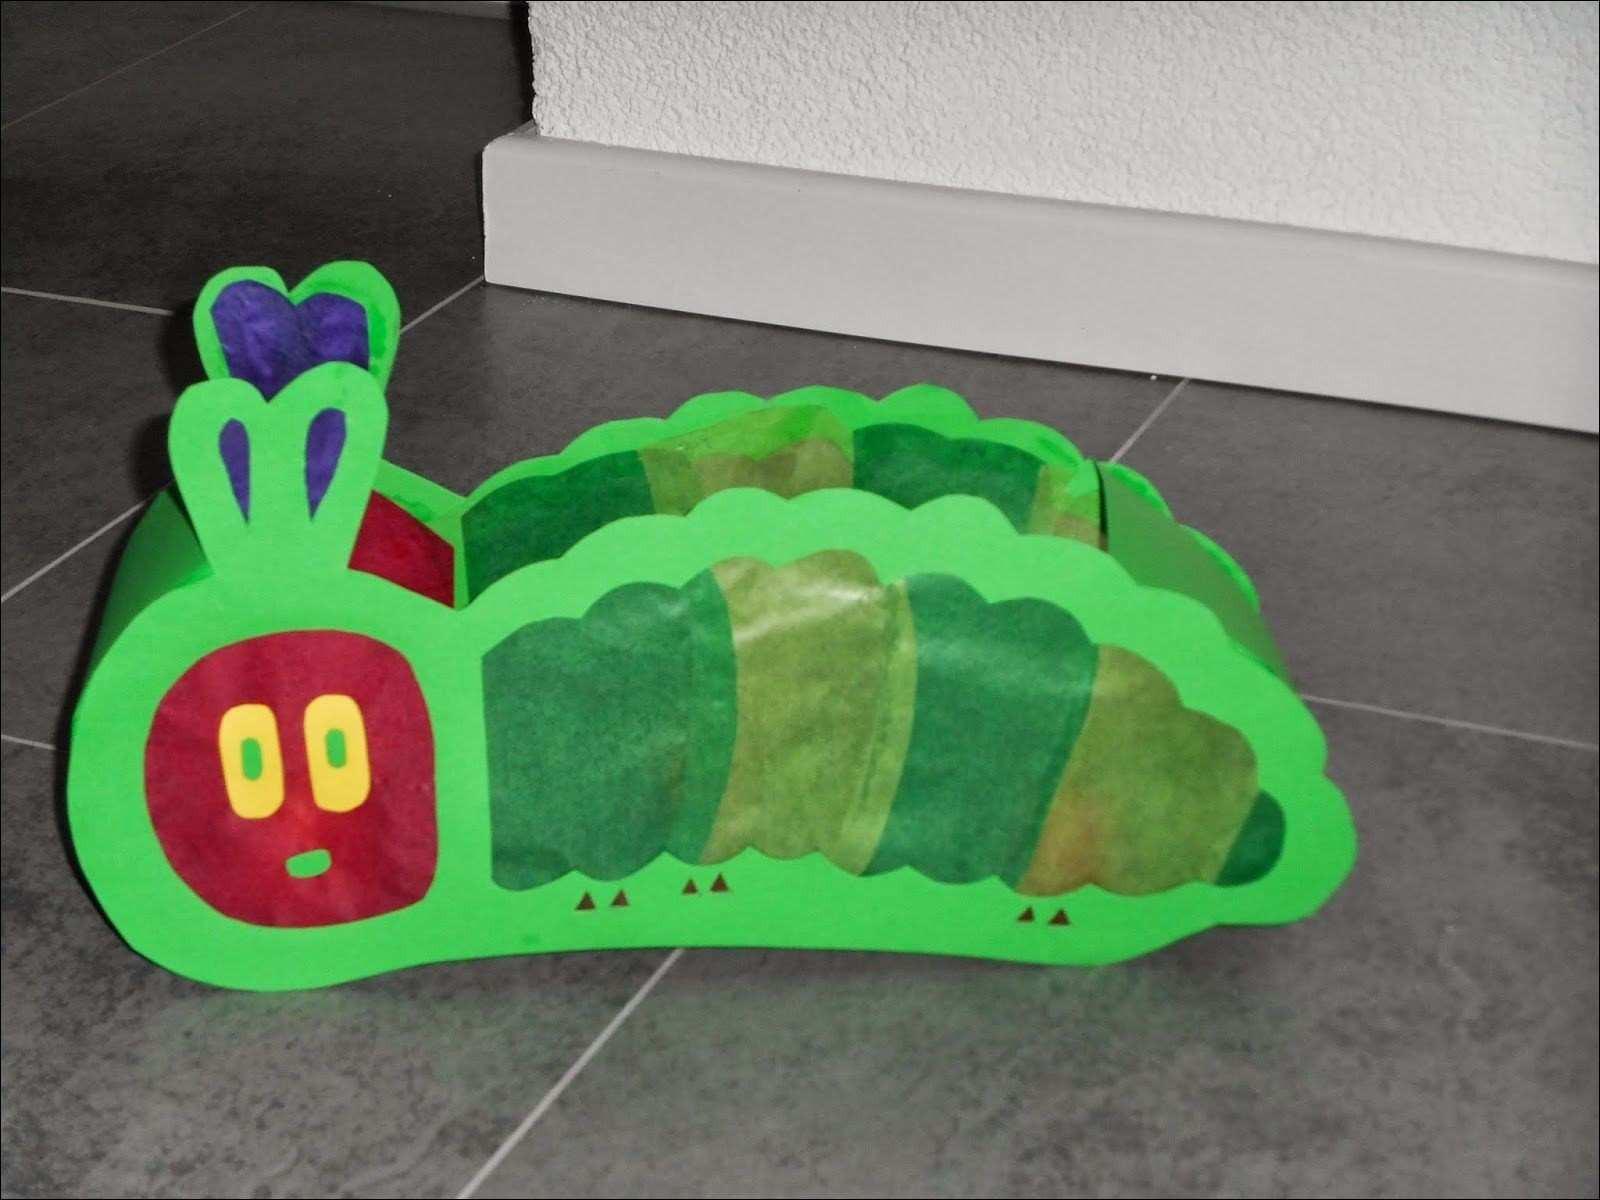 Raupe Nimmersatt Ausmalbild Einzigartig Raupe Nimmersatt Ausmalbild Ausmalbilder Robin Hood Neu Das Bild